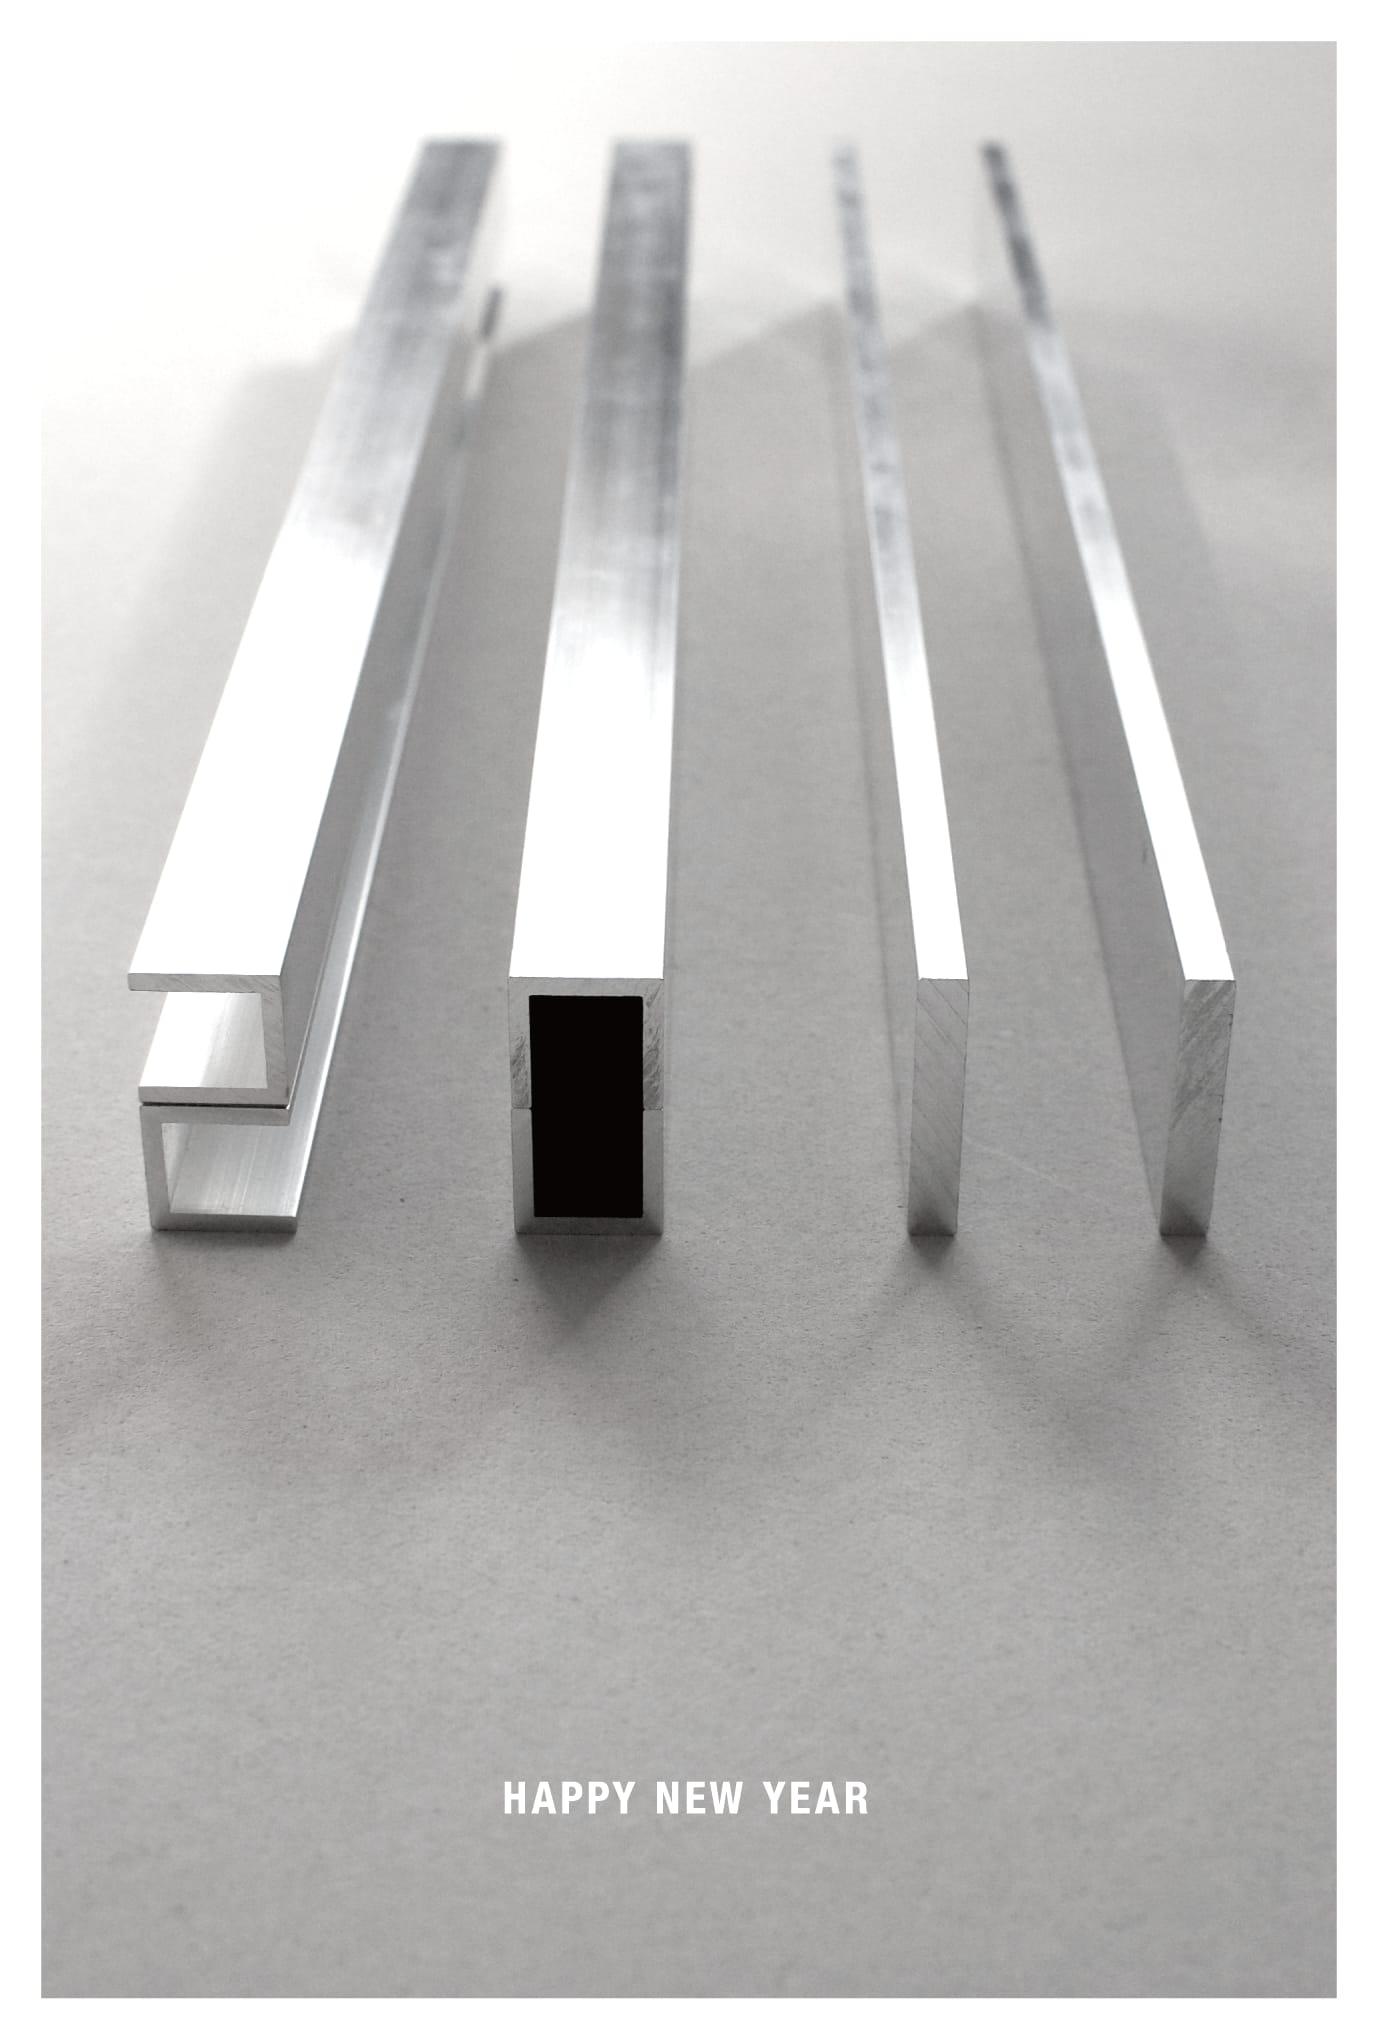 2011年賀状22:Alumi-new-m 2011のダウンロード画像